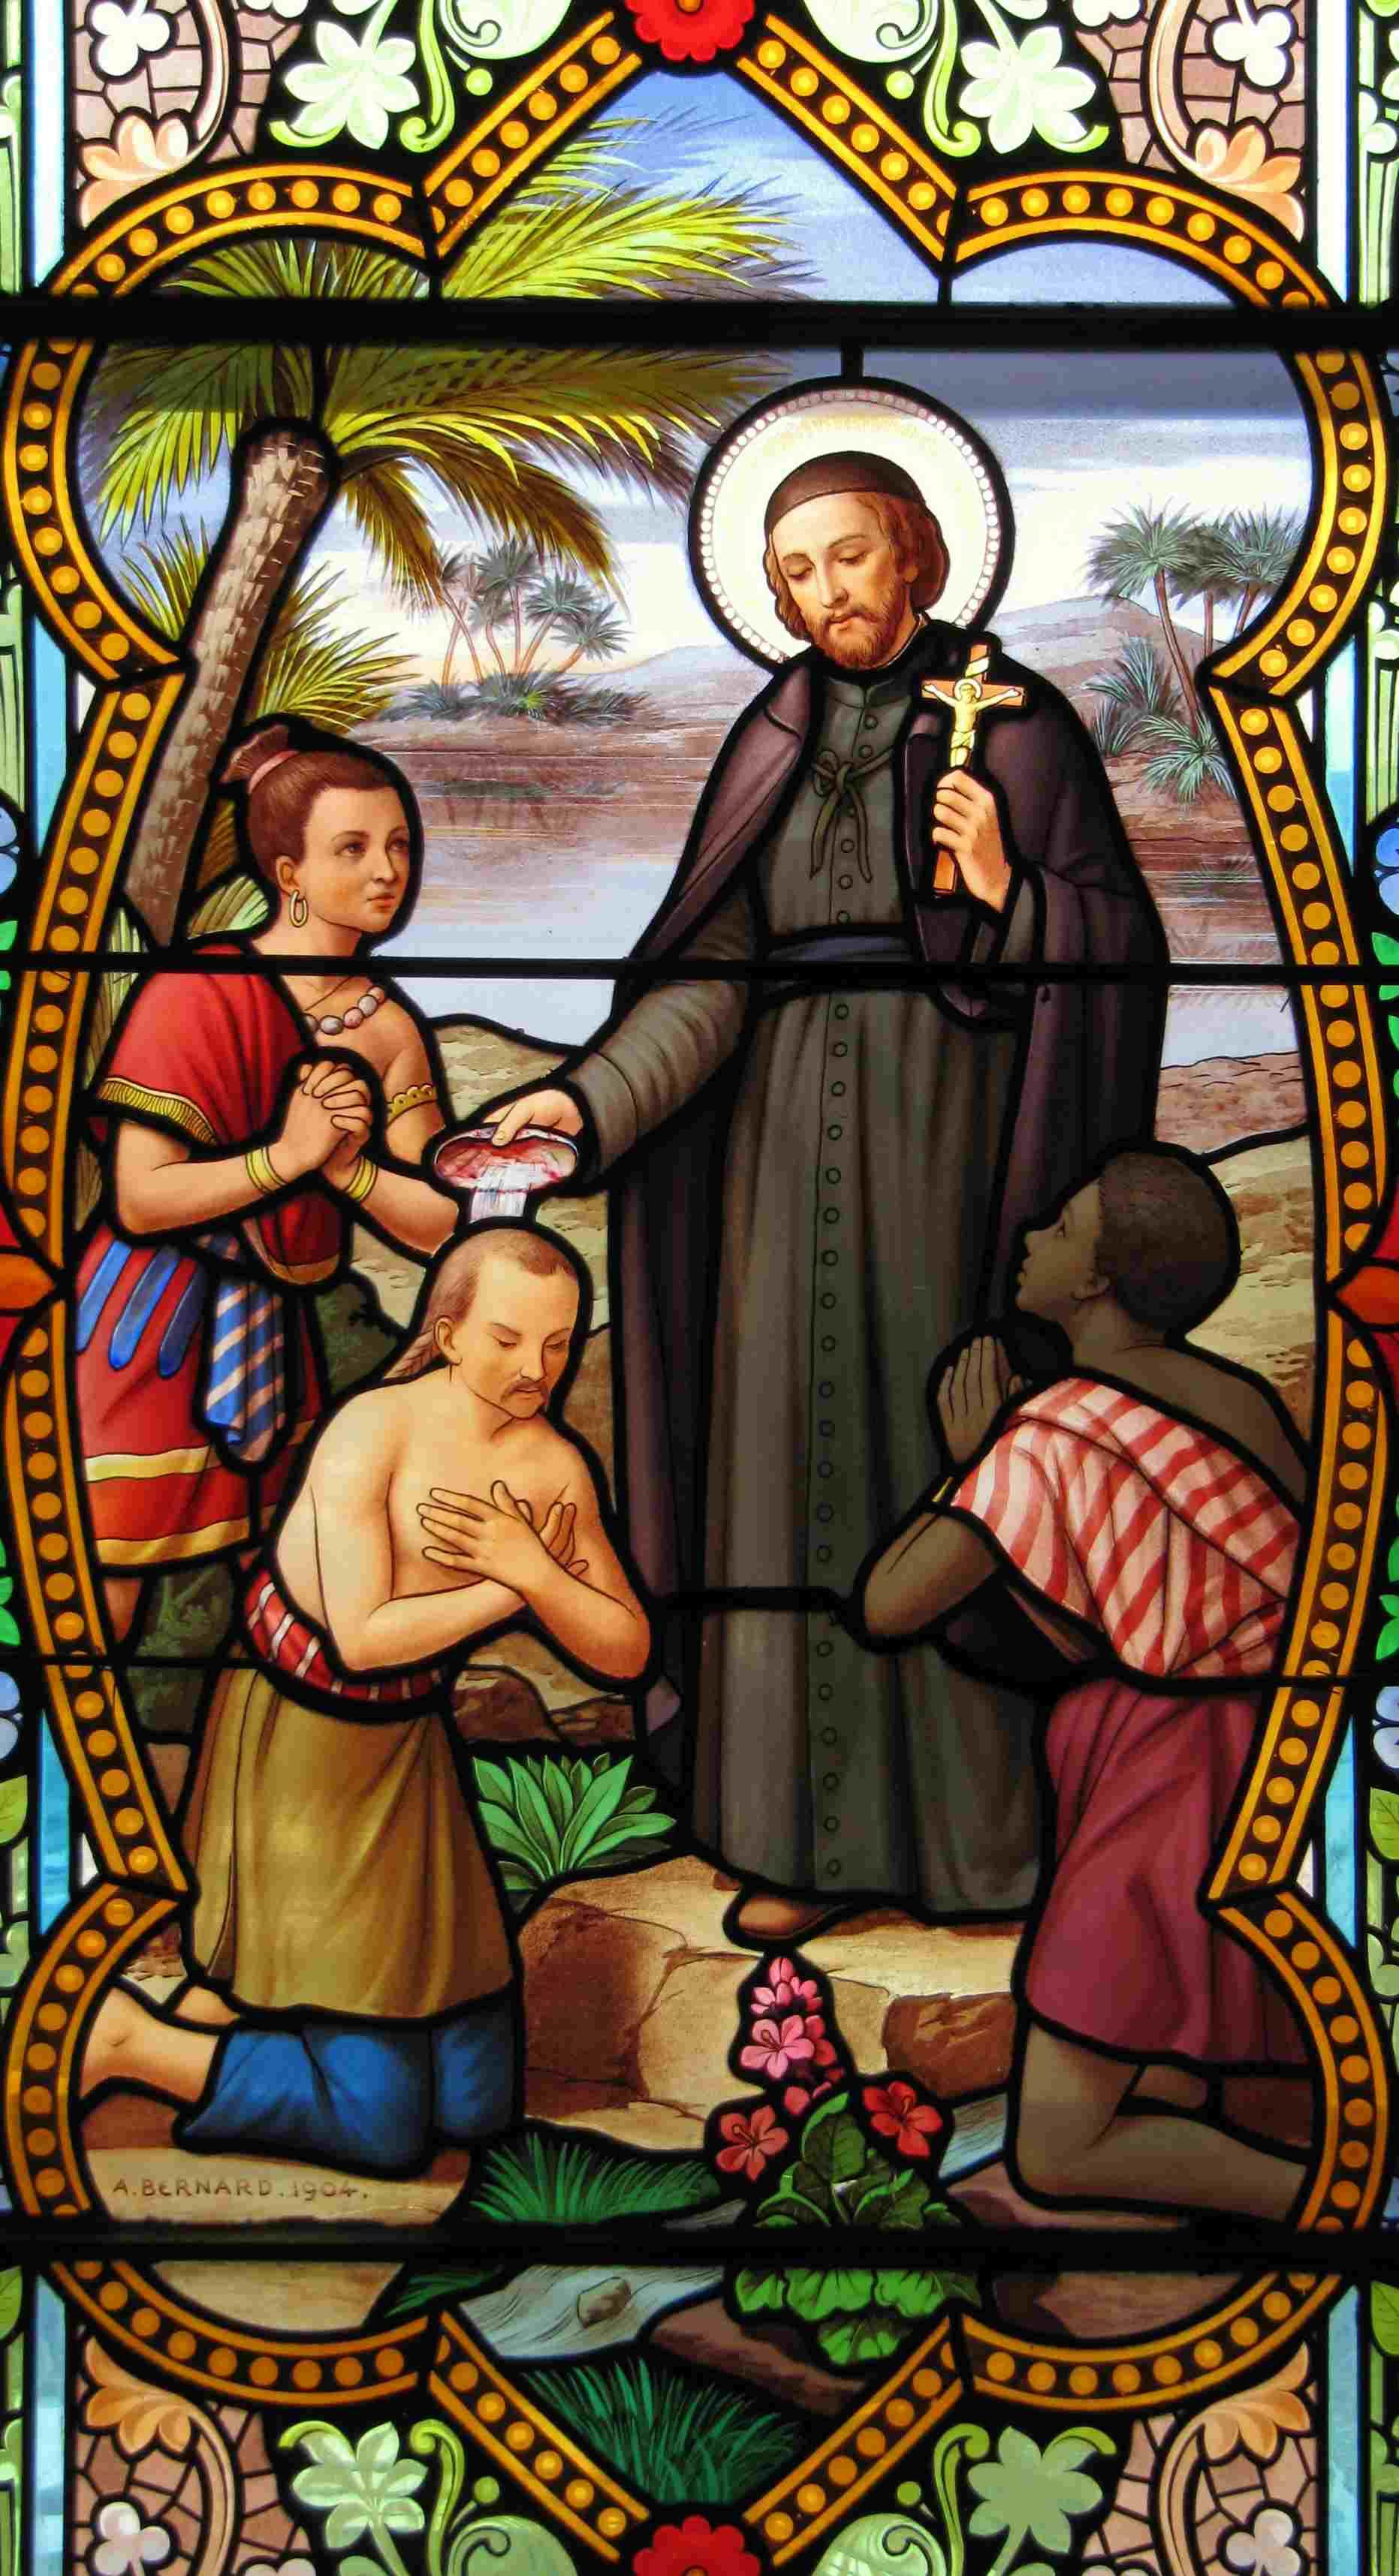 Saint François-Xavier, Jésuite, Co-Patron des Missions, Apôtre des Indes et  du Japon (1506-1552).Fête le 03 Décembre.